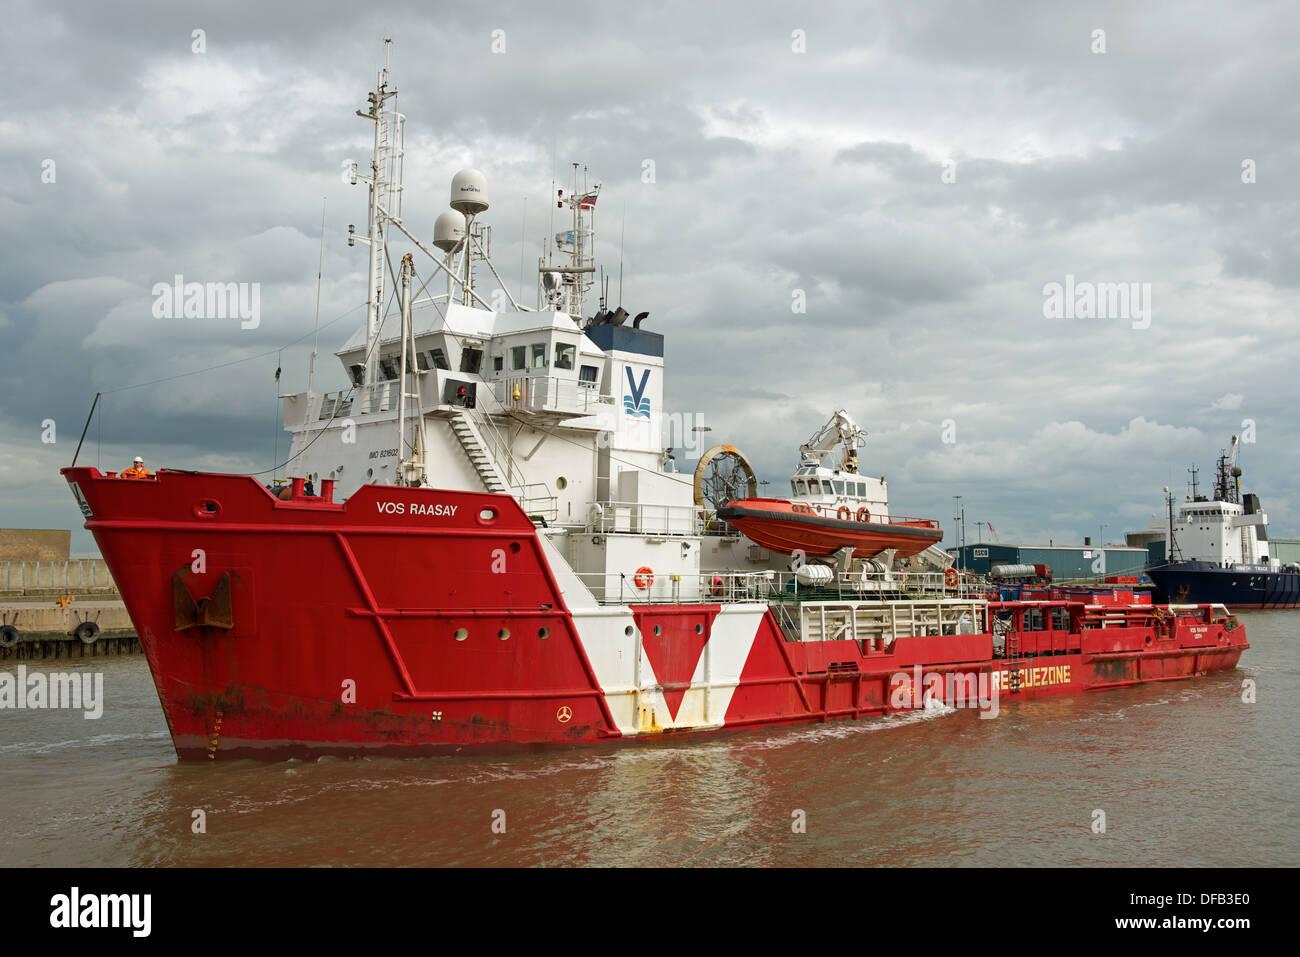 North Sea gas field supply ship 'Vos Raasay', river Yare, Great Yarmouth, Norfolk, UK. - Stock Image